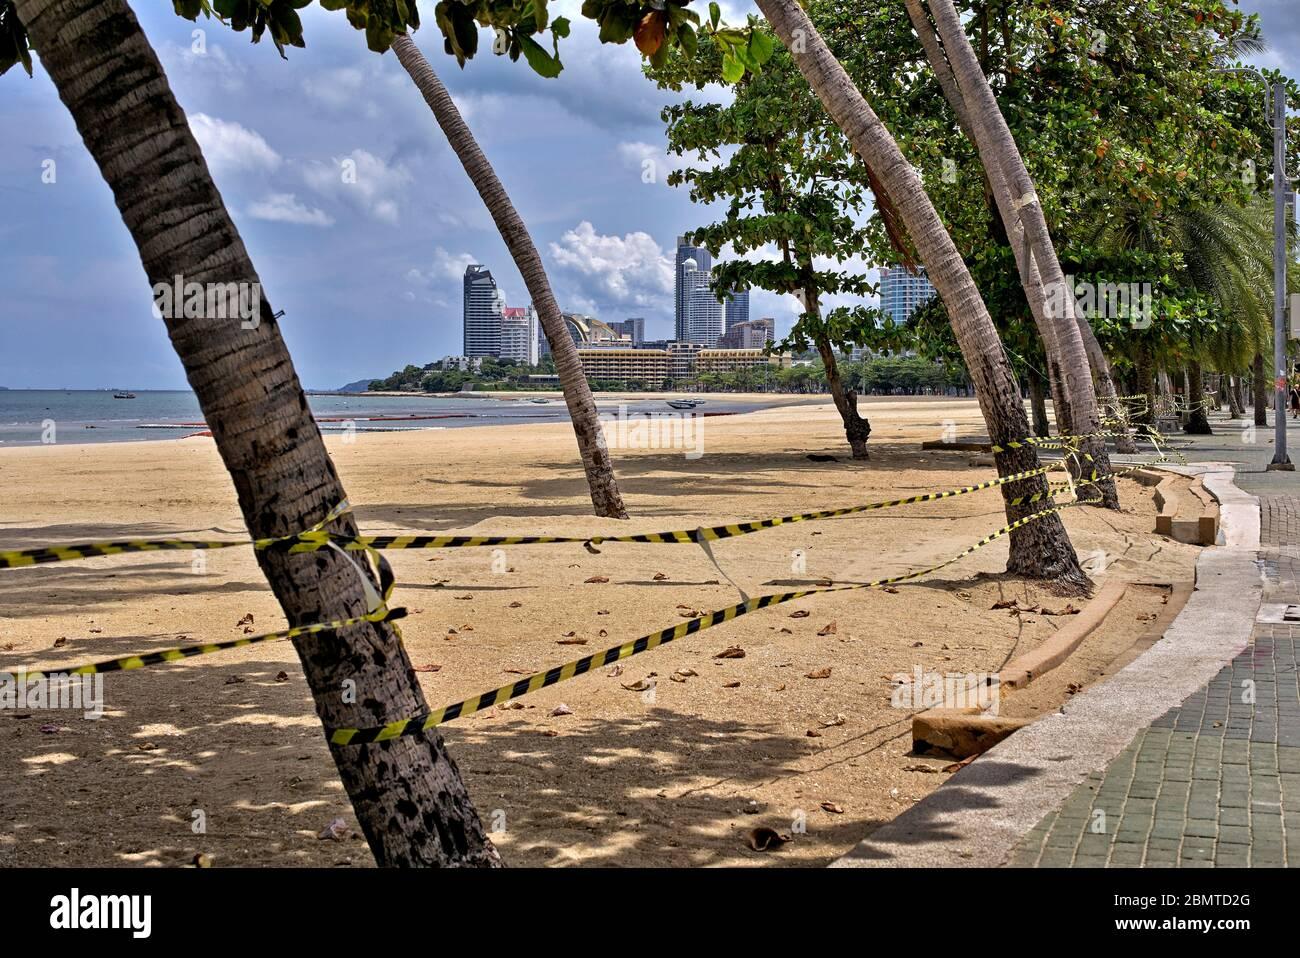 Effetto COVID-19. Coronavirus lockdown cordonato fuori spiaggia vuota a Pattaya Thailandia a causa della minaccia Coronavirus con tutti gli accessi negato e vietato. Foto Stock